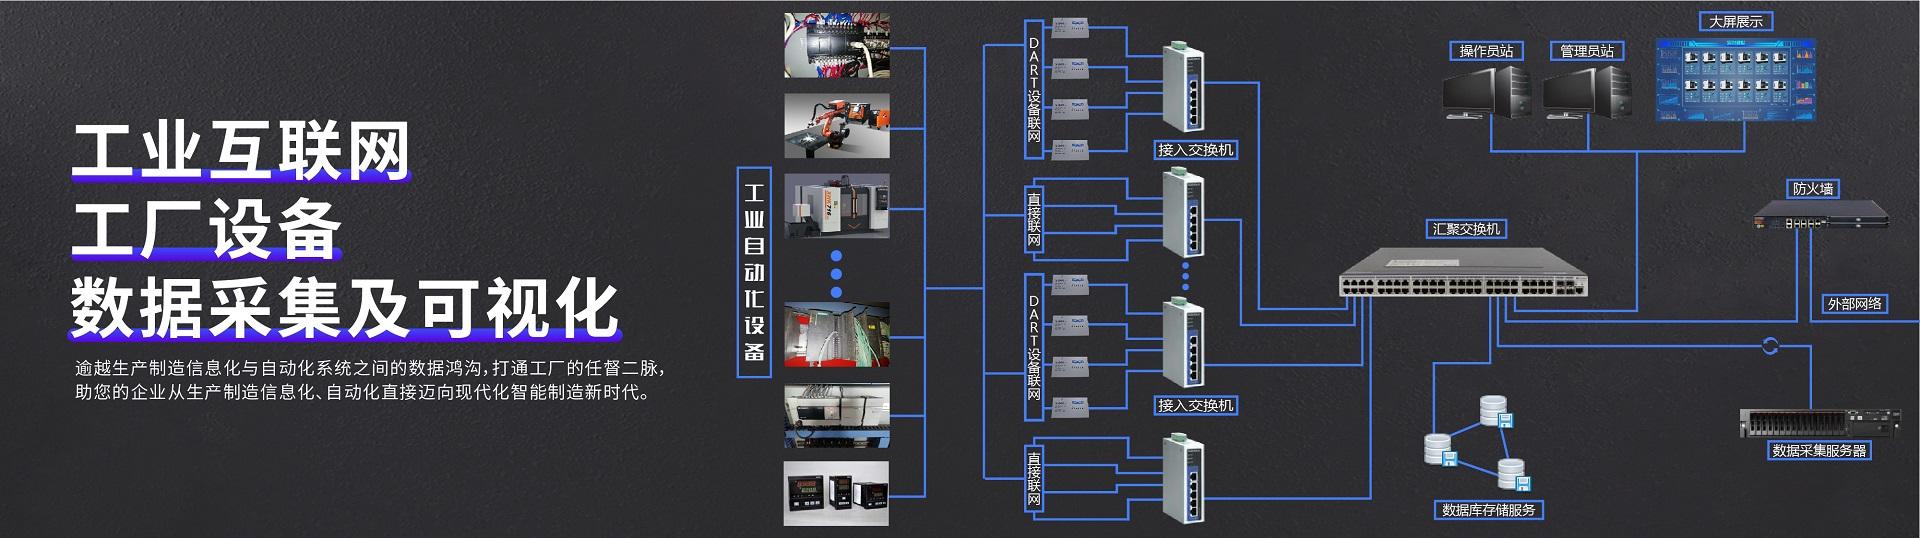 工厂互联网、工厂设备数据采集及可视化